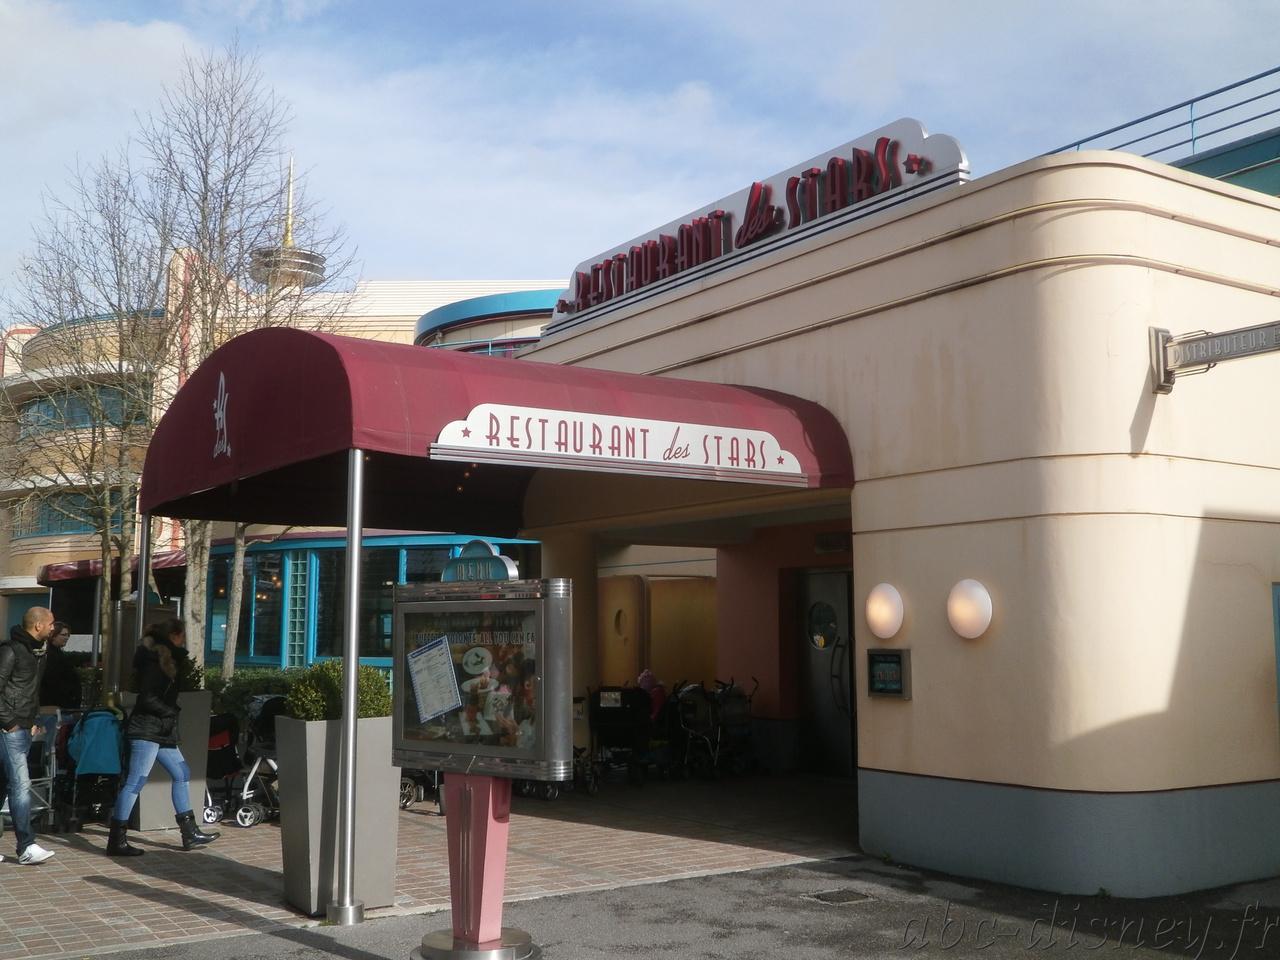 R restaurant des stars 7